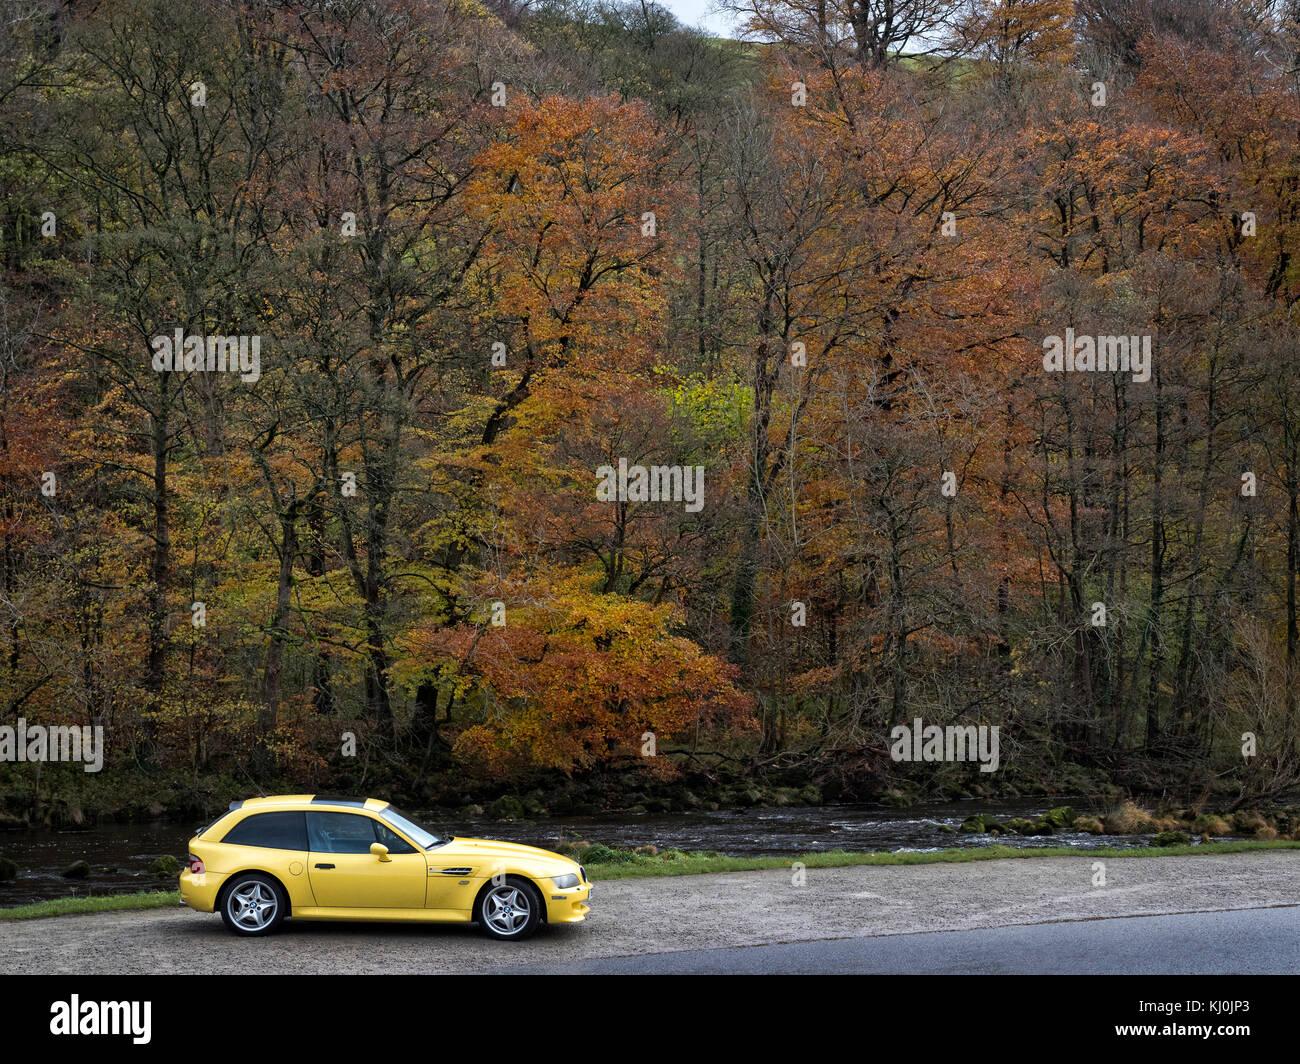 Car German Uk Stock Photos Amp Car German Uk Stock Images Alamy